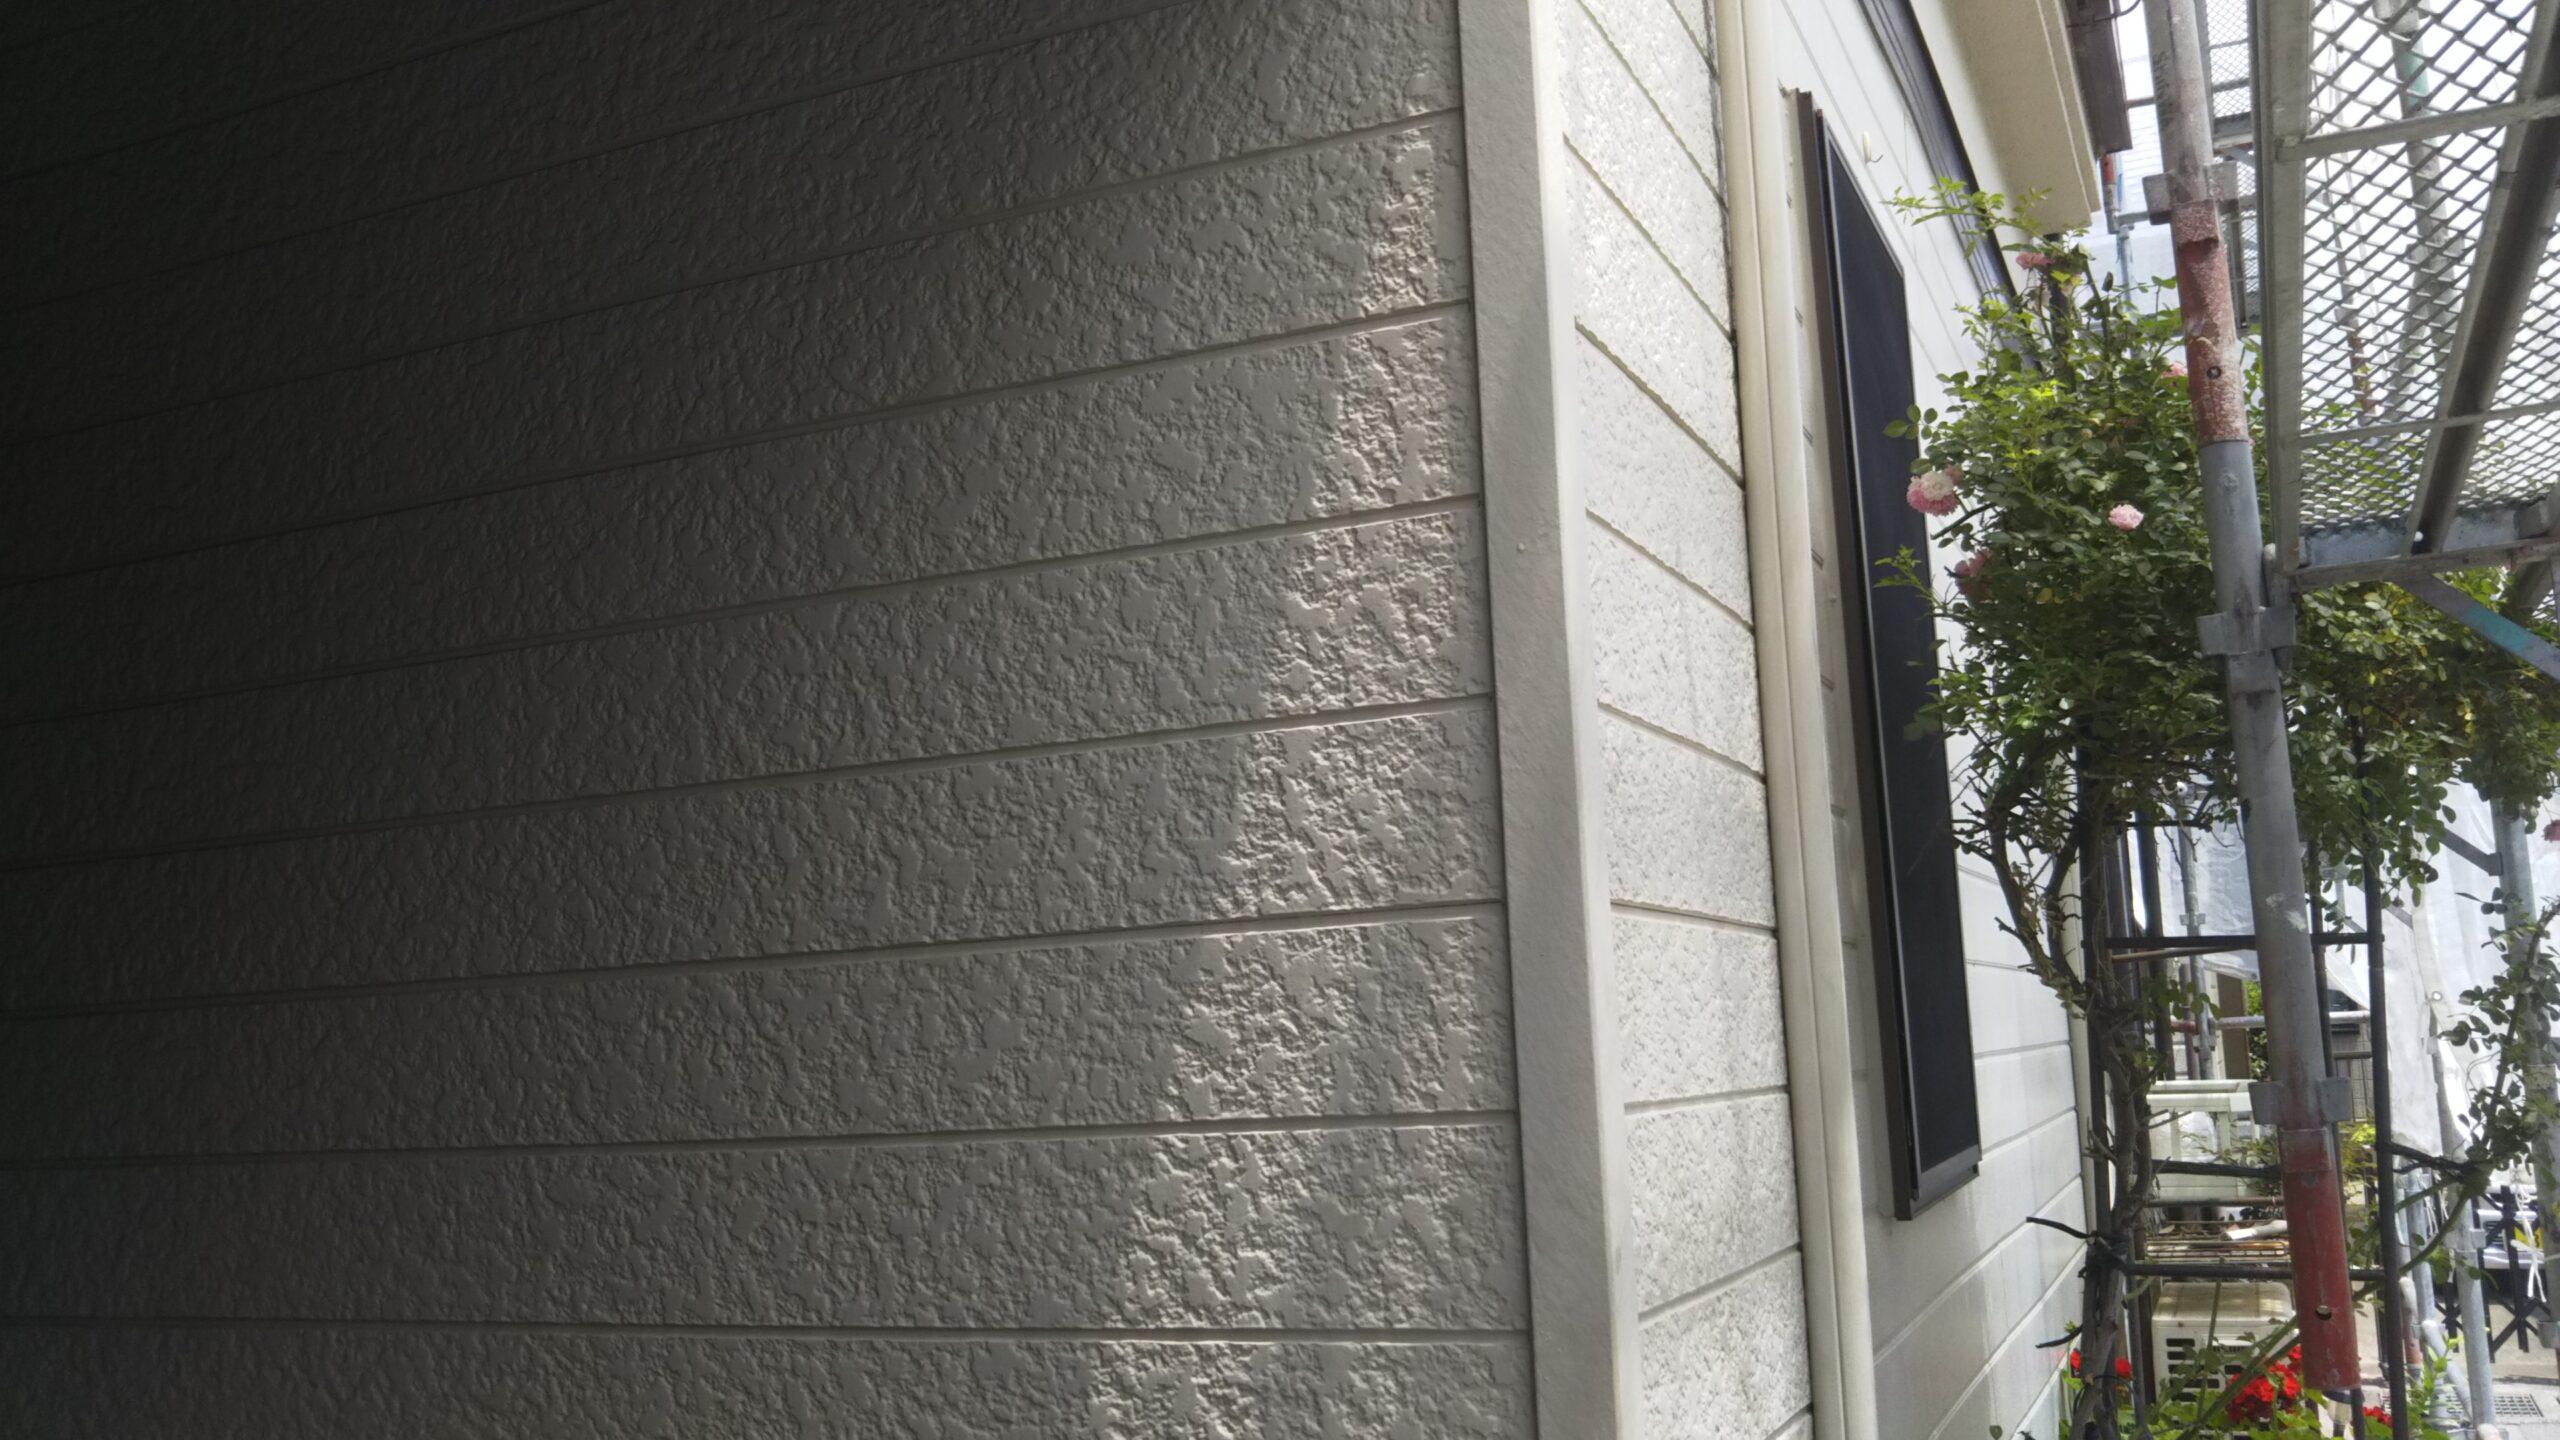 埼玉県さいたま市北区のC様邸(木造2階建て)にて外壁・屋根の塗り替えリフォーム